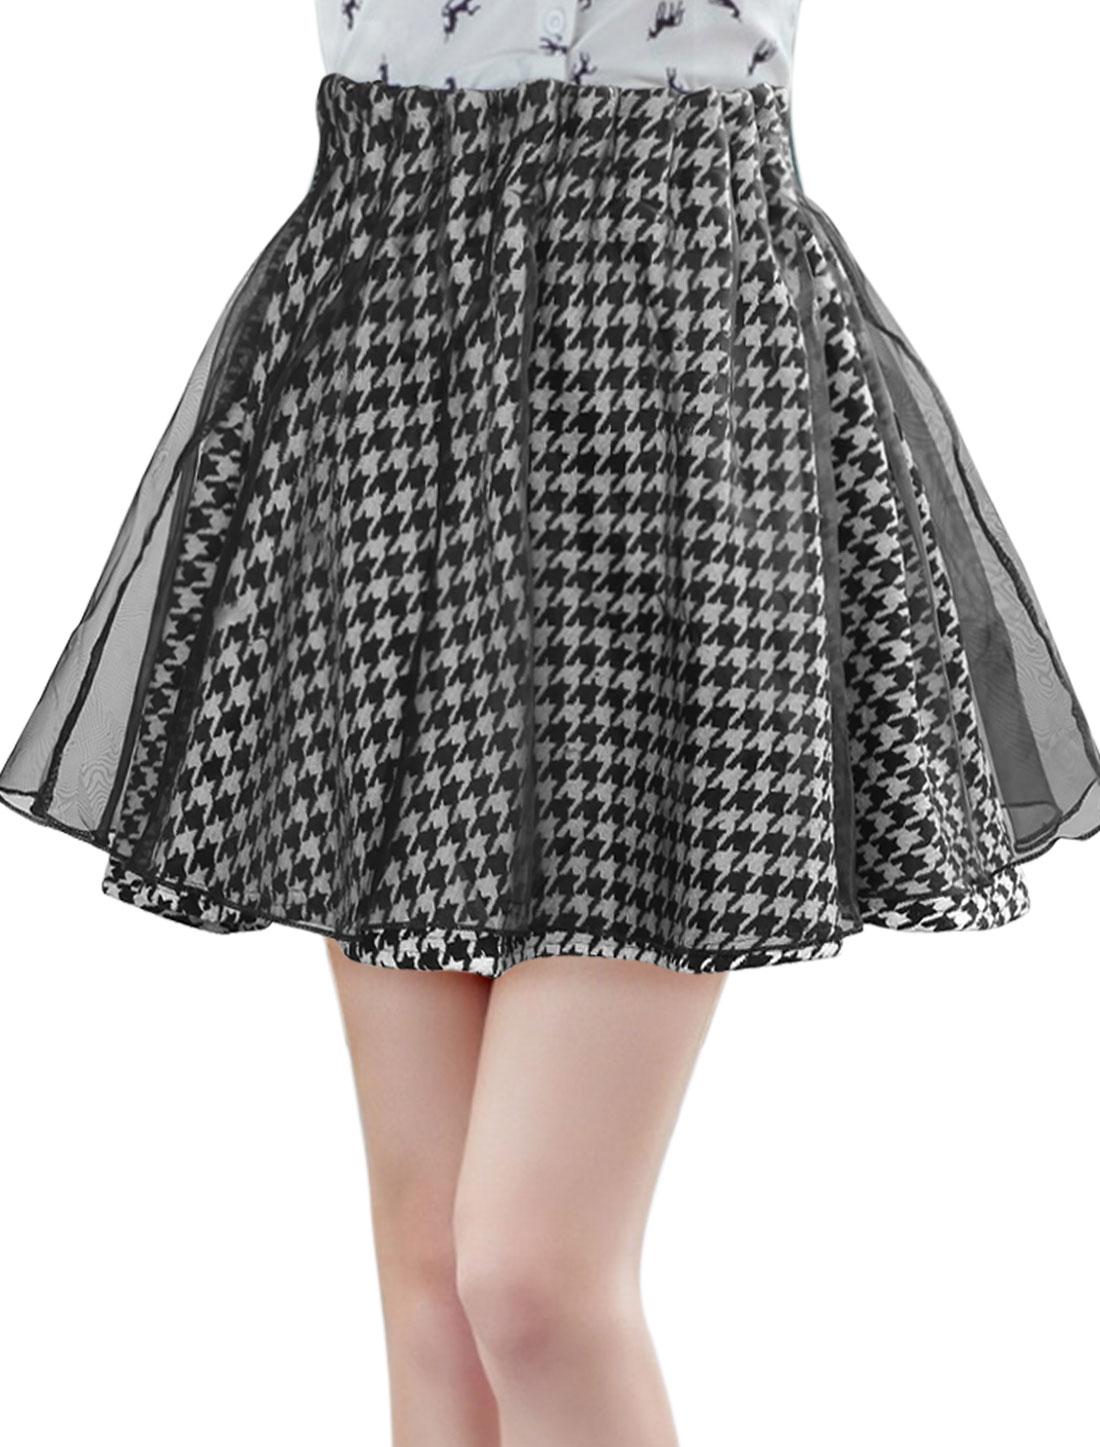 Women Elastic Waist Houndstooth Organza Layered A Line Skirt Black XS